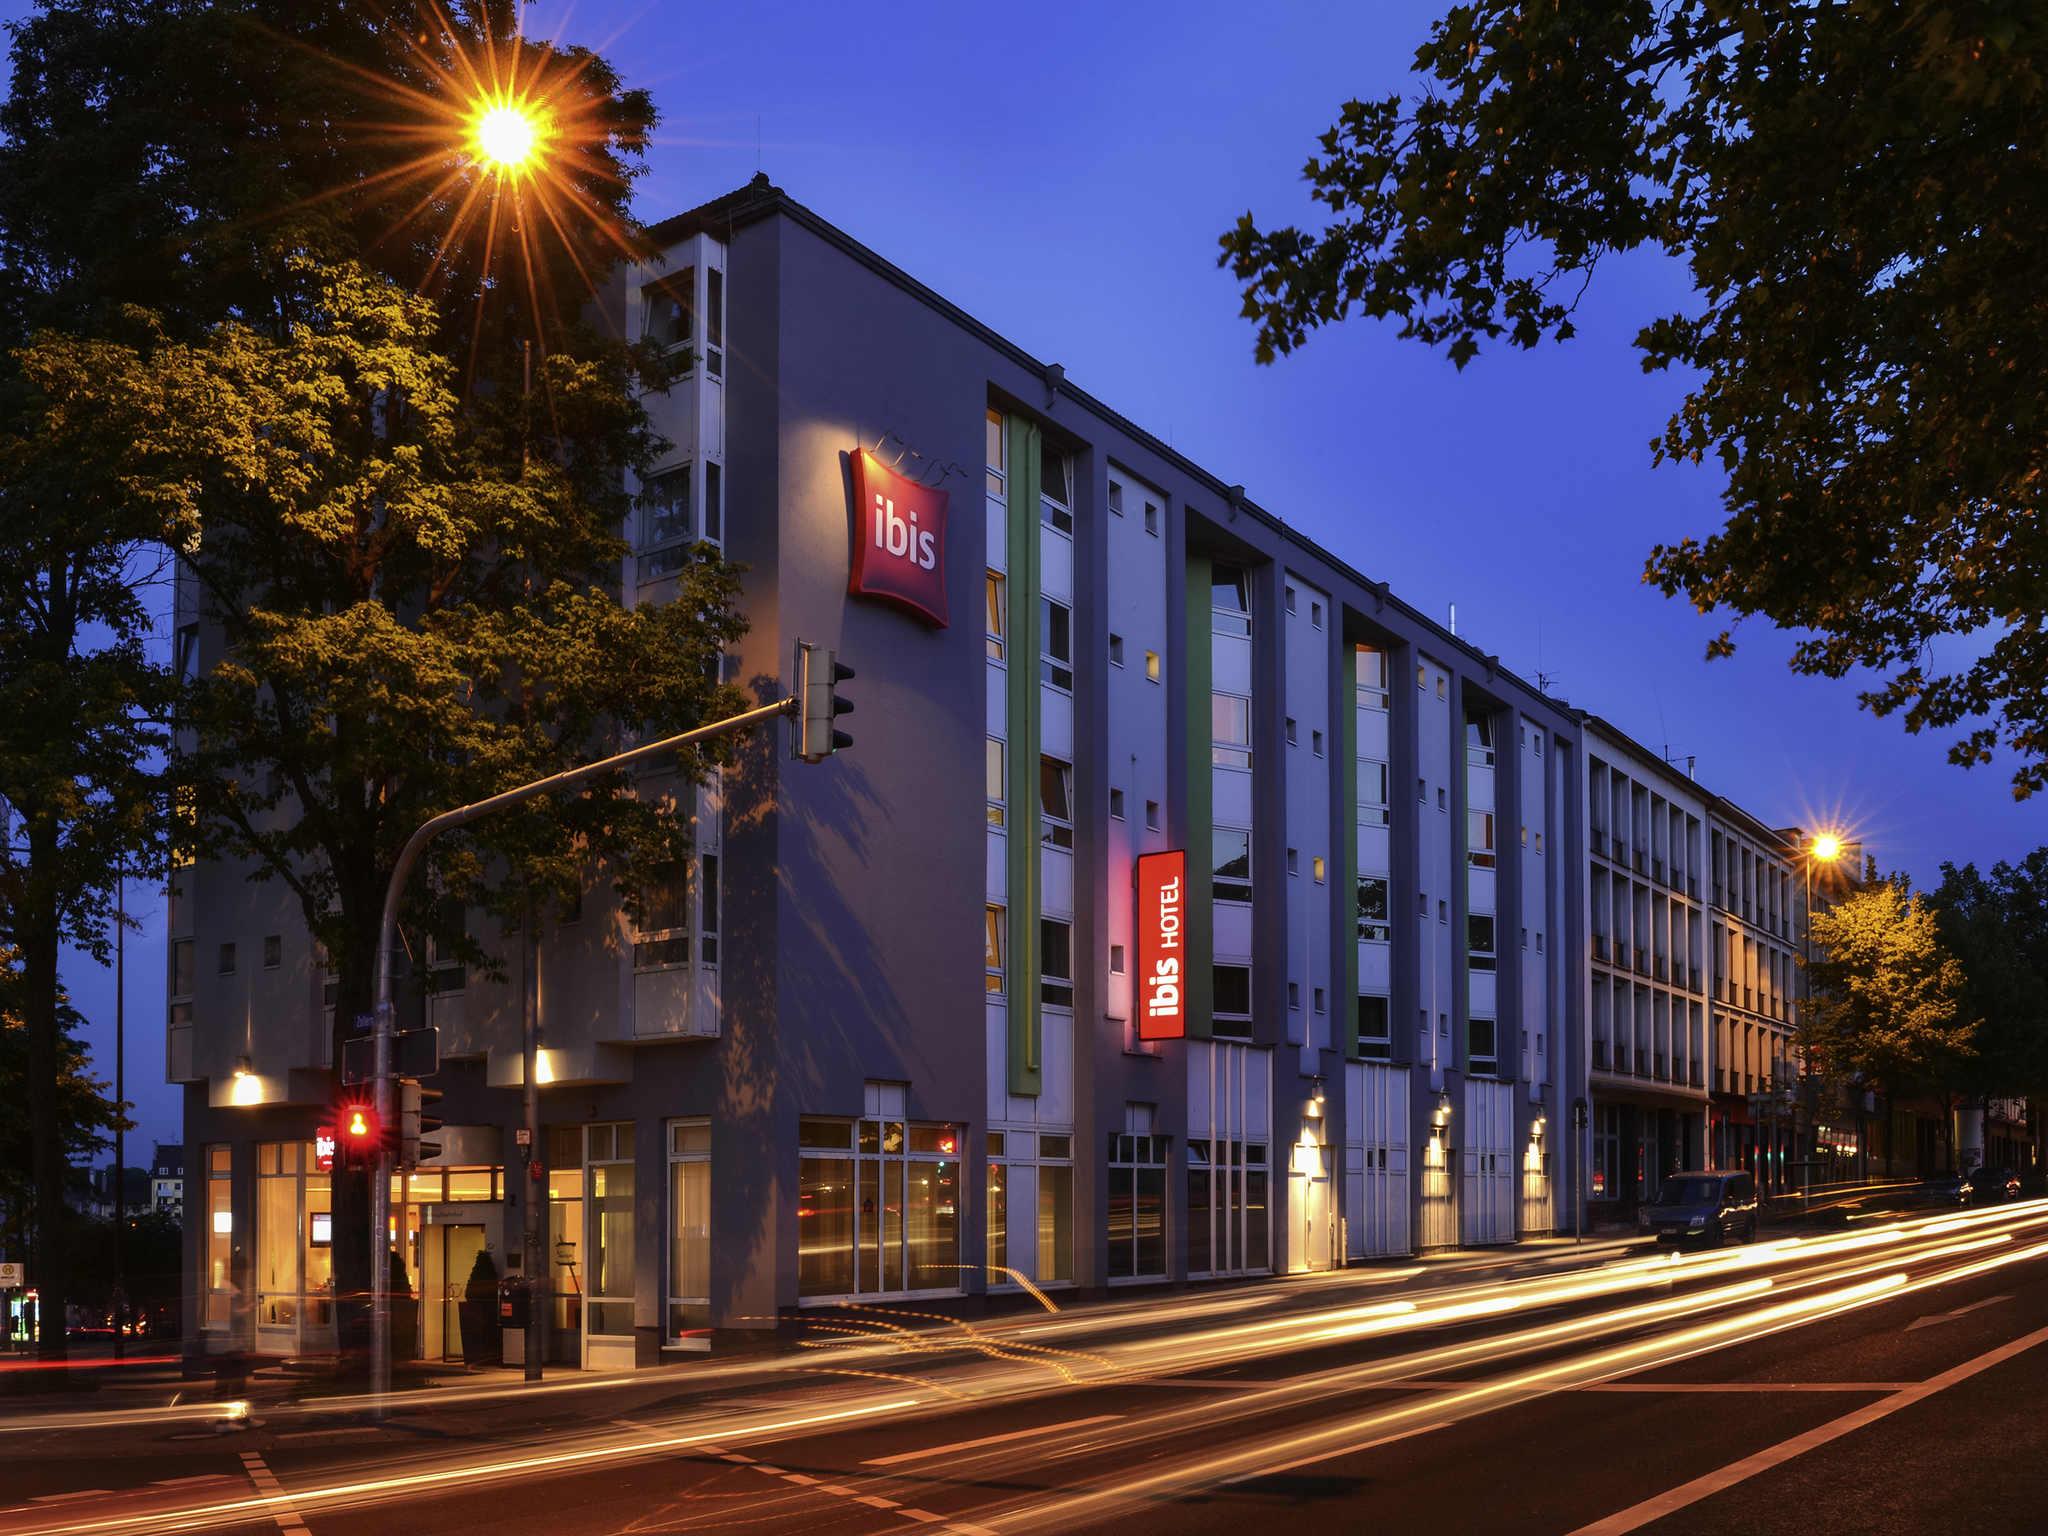 Hotel ibis Aachen Hauptbahnhof Book your hotel now